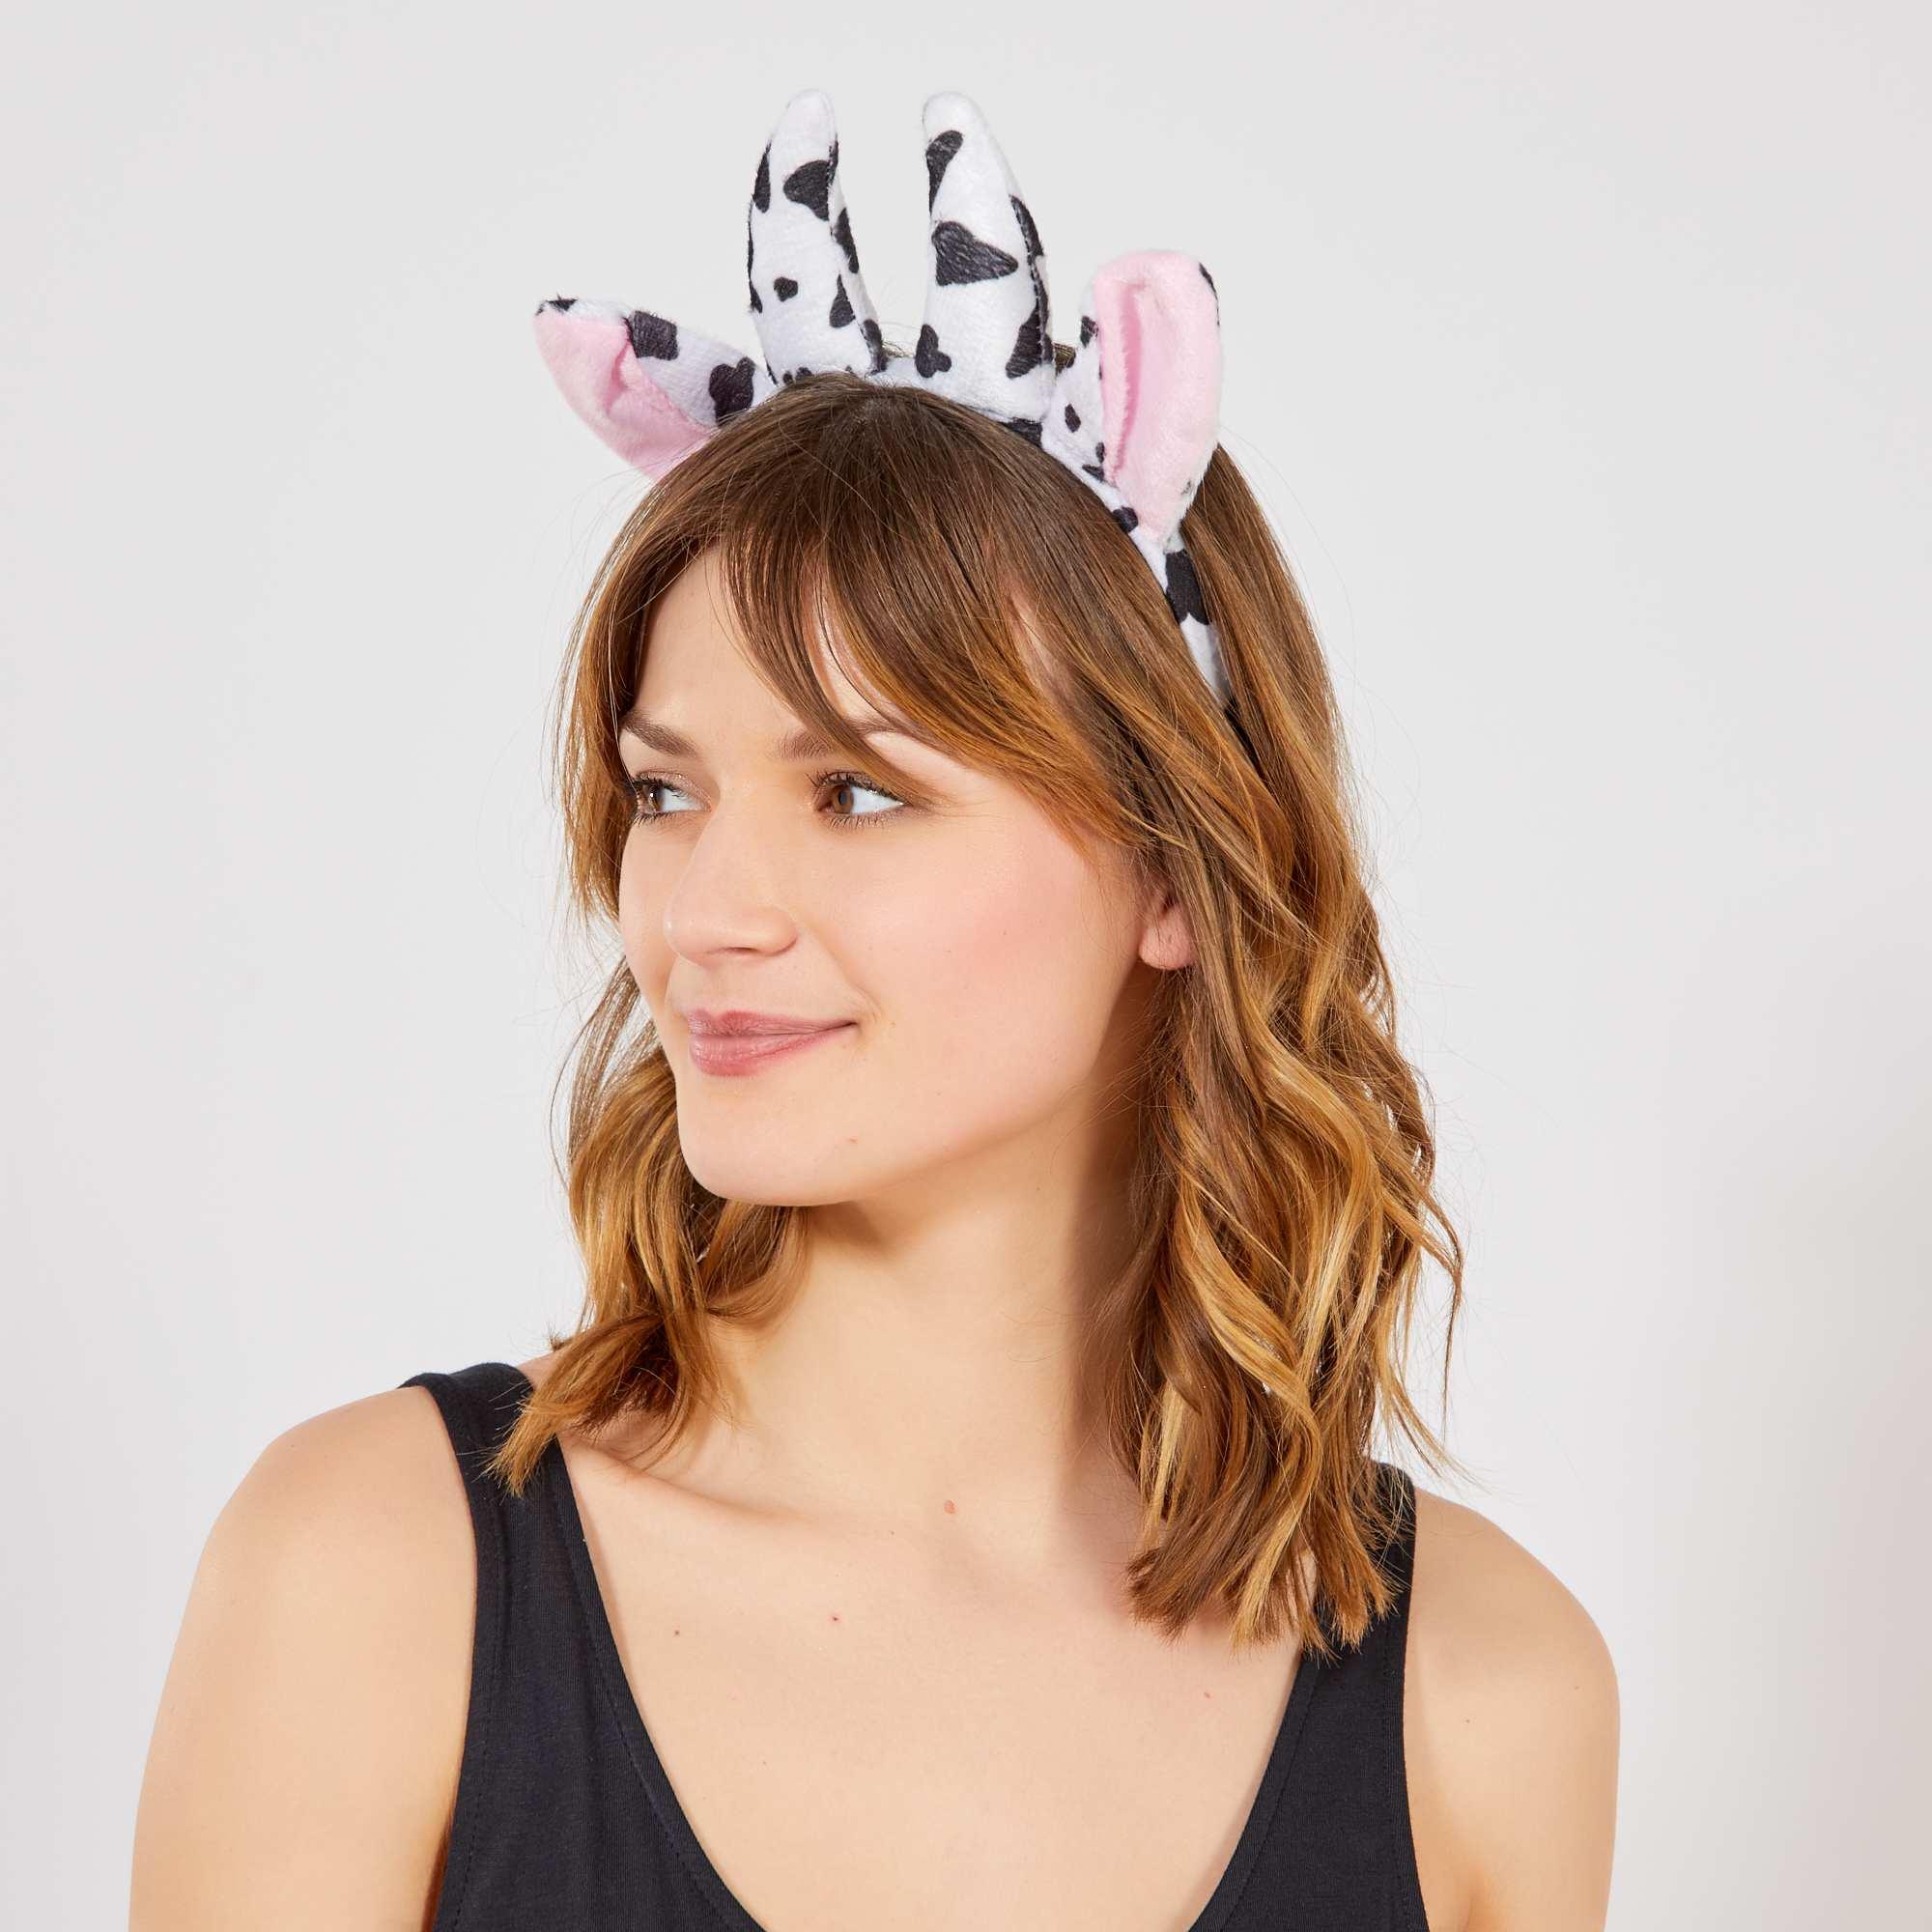 Couleur : noir/blanc, , ,, - Taille : TU, , ,,L'accessoire idéal pour compléter un costume de vache. - Serre-tête en plastique -